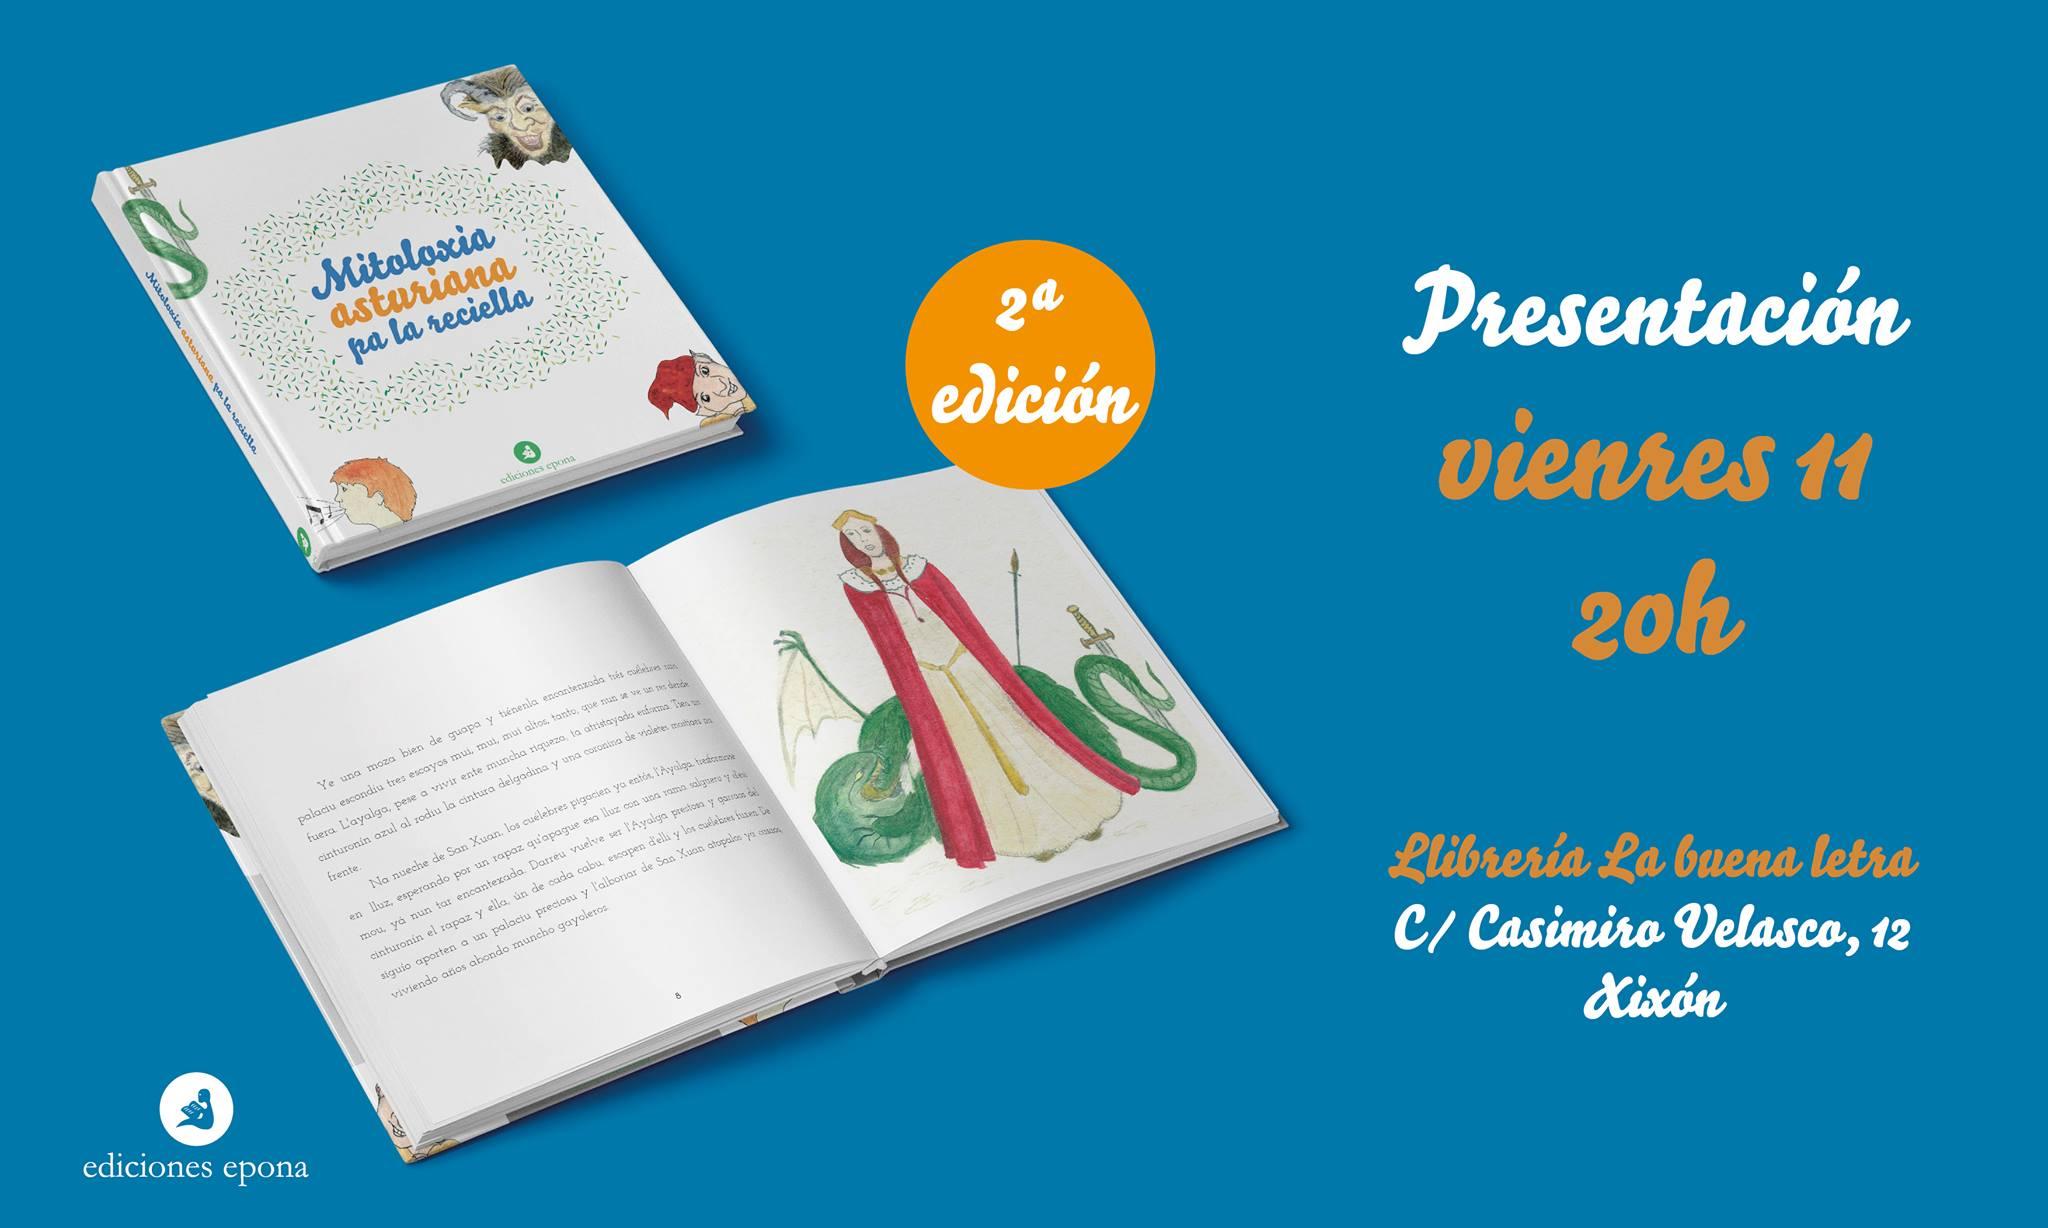 Cartelu presentación 'Mitoloxía asturiana pa la reciella'